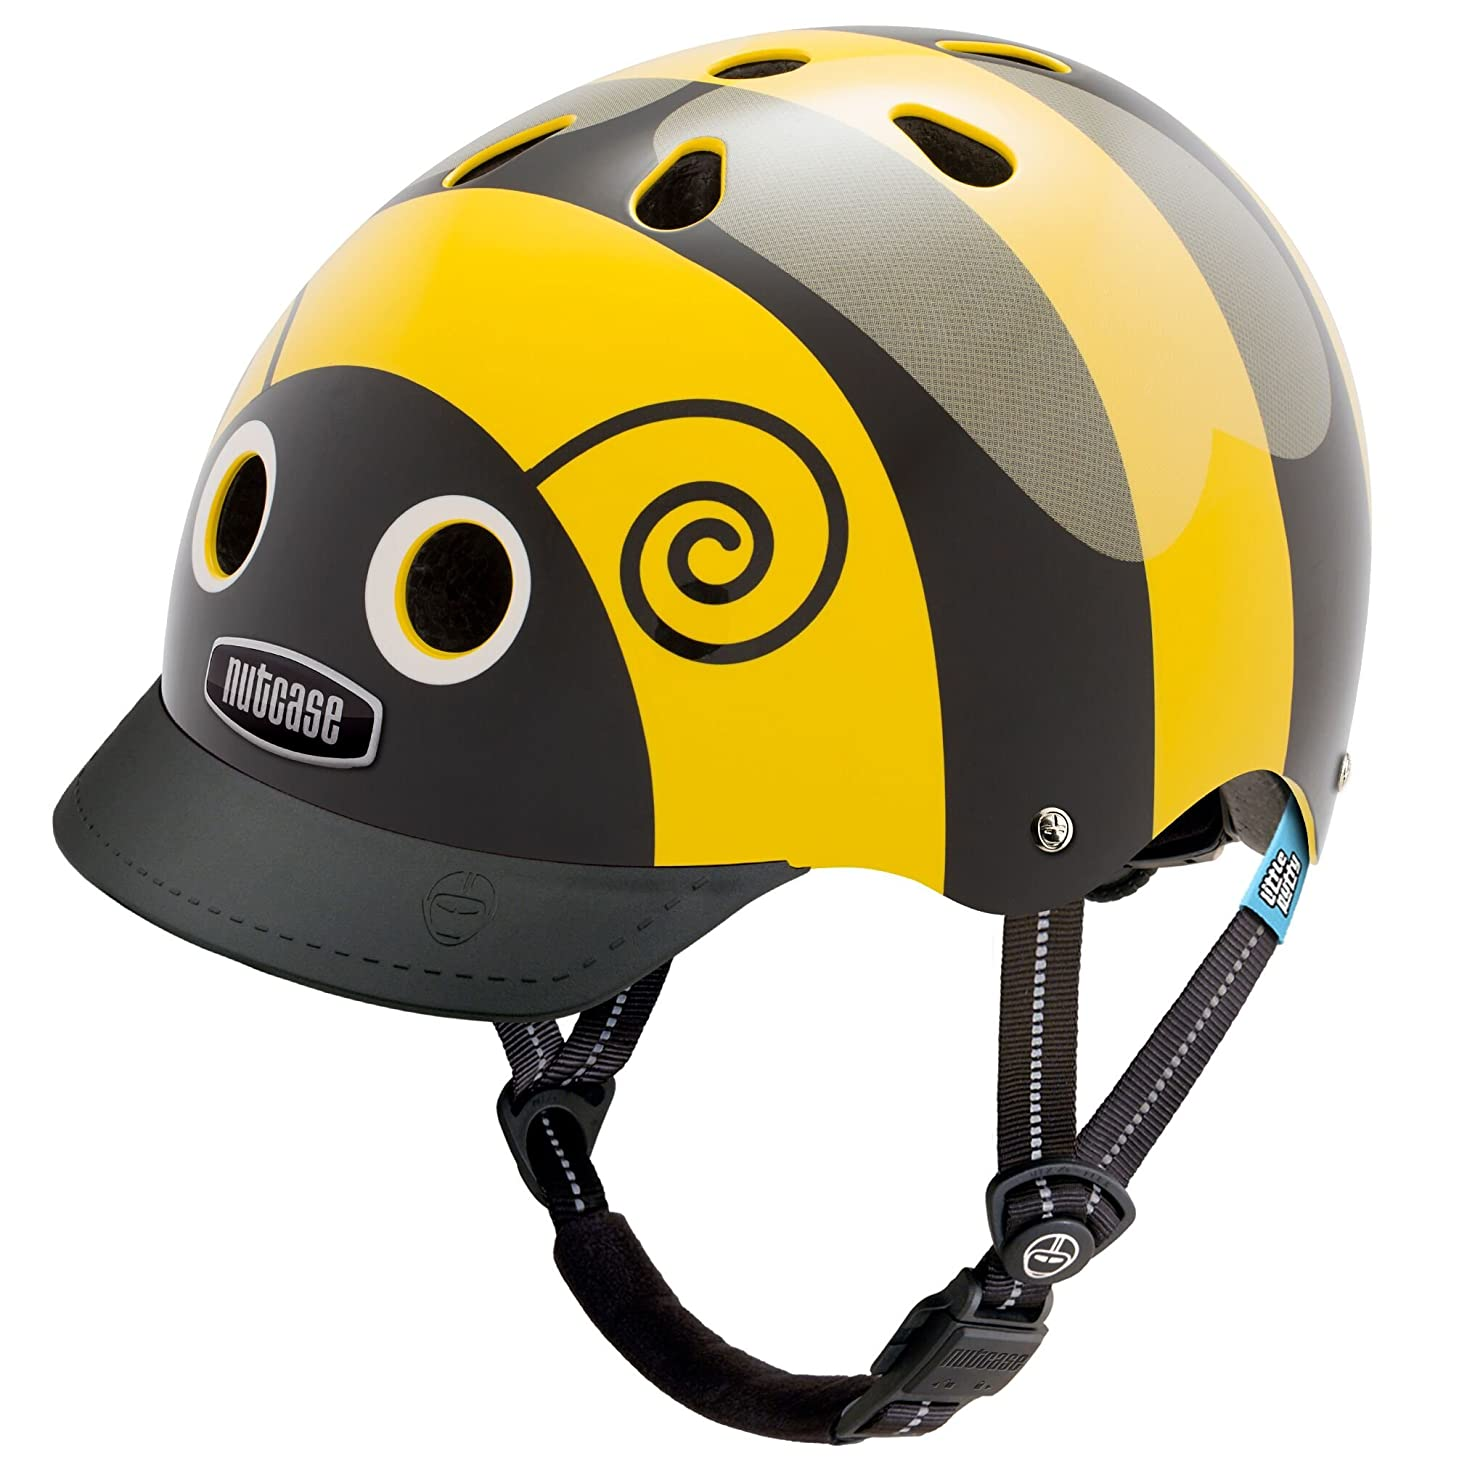 つぶすコンサルタント全員Nutcase(ナットケース) Little Nutty / Bumblebee 幼児?子供用ヘルメット / XSサイズ:48cm52cm   XSサイズ:48cm52cm